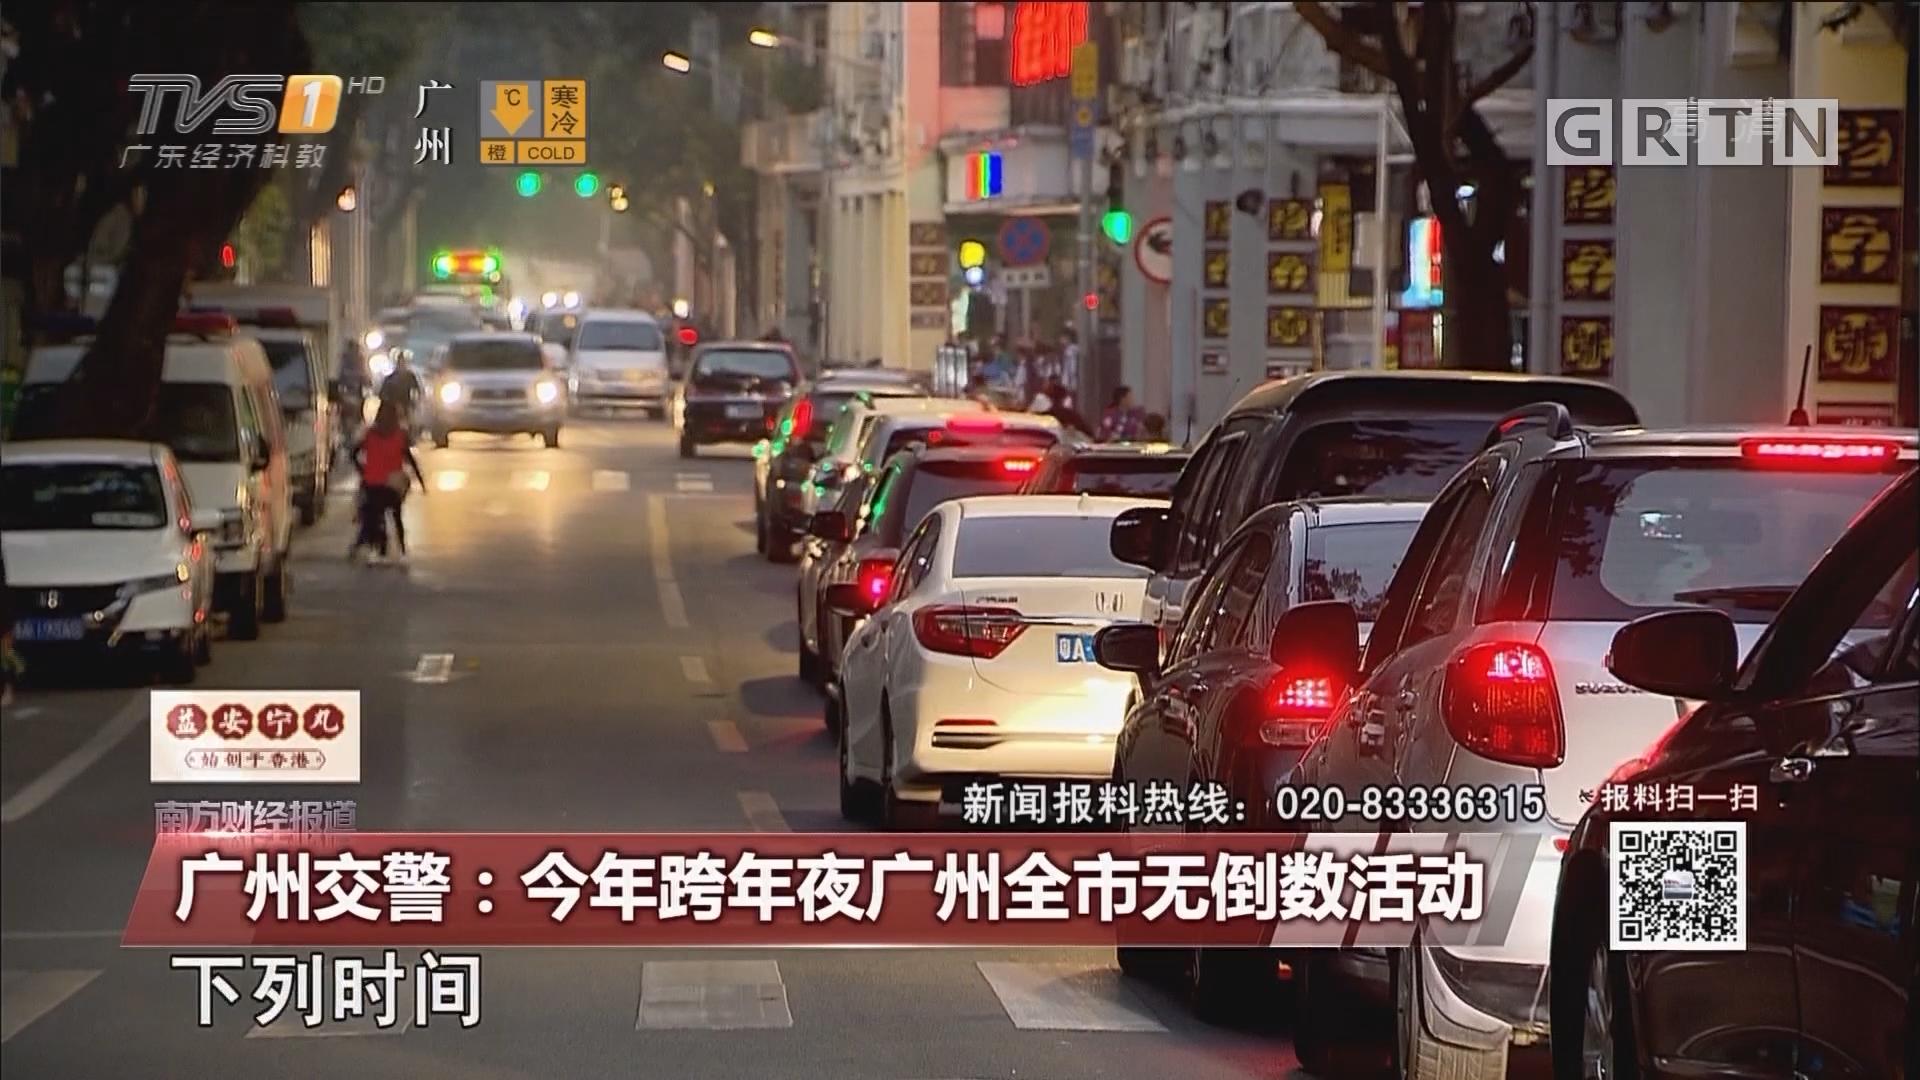 广州交警:今年跨年夜广州全市无倒数活动